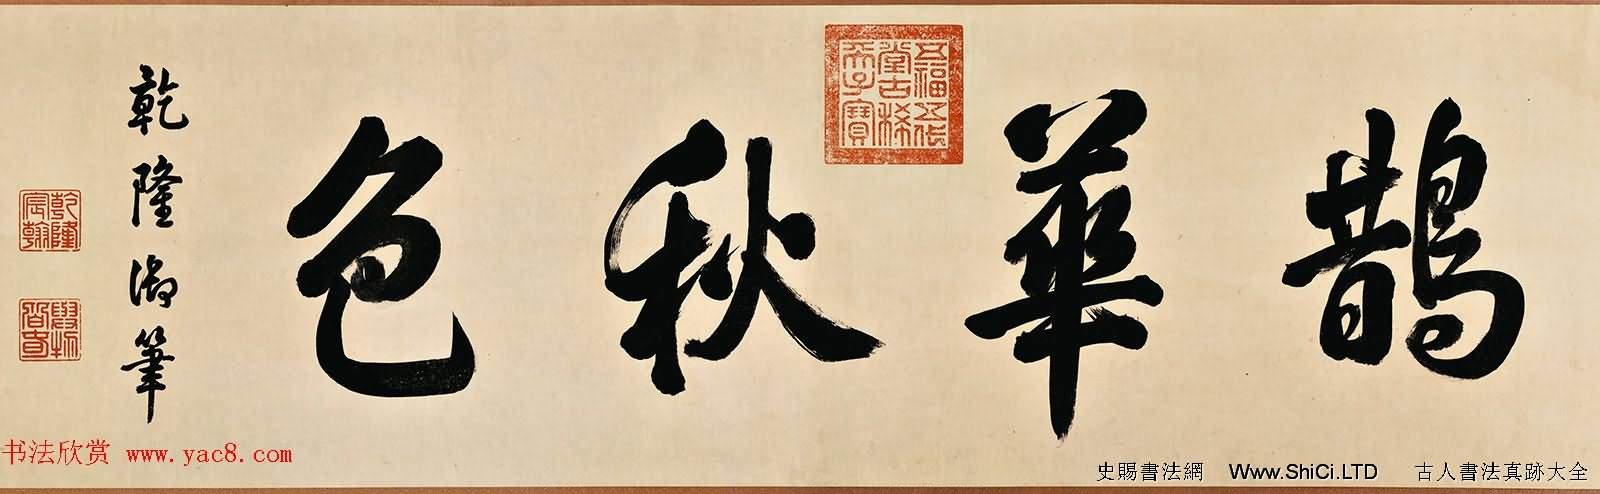 元代趙孟頫書畫真跡欣賞《鵲華秋色圖》卷(共11張圖片)